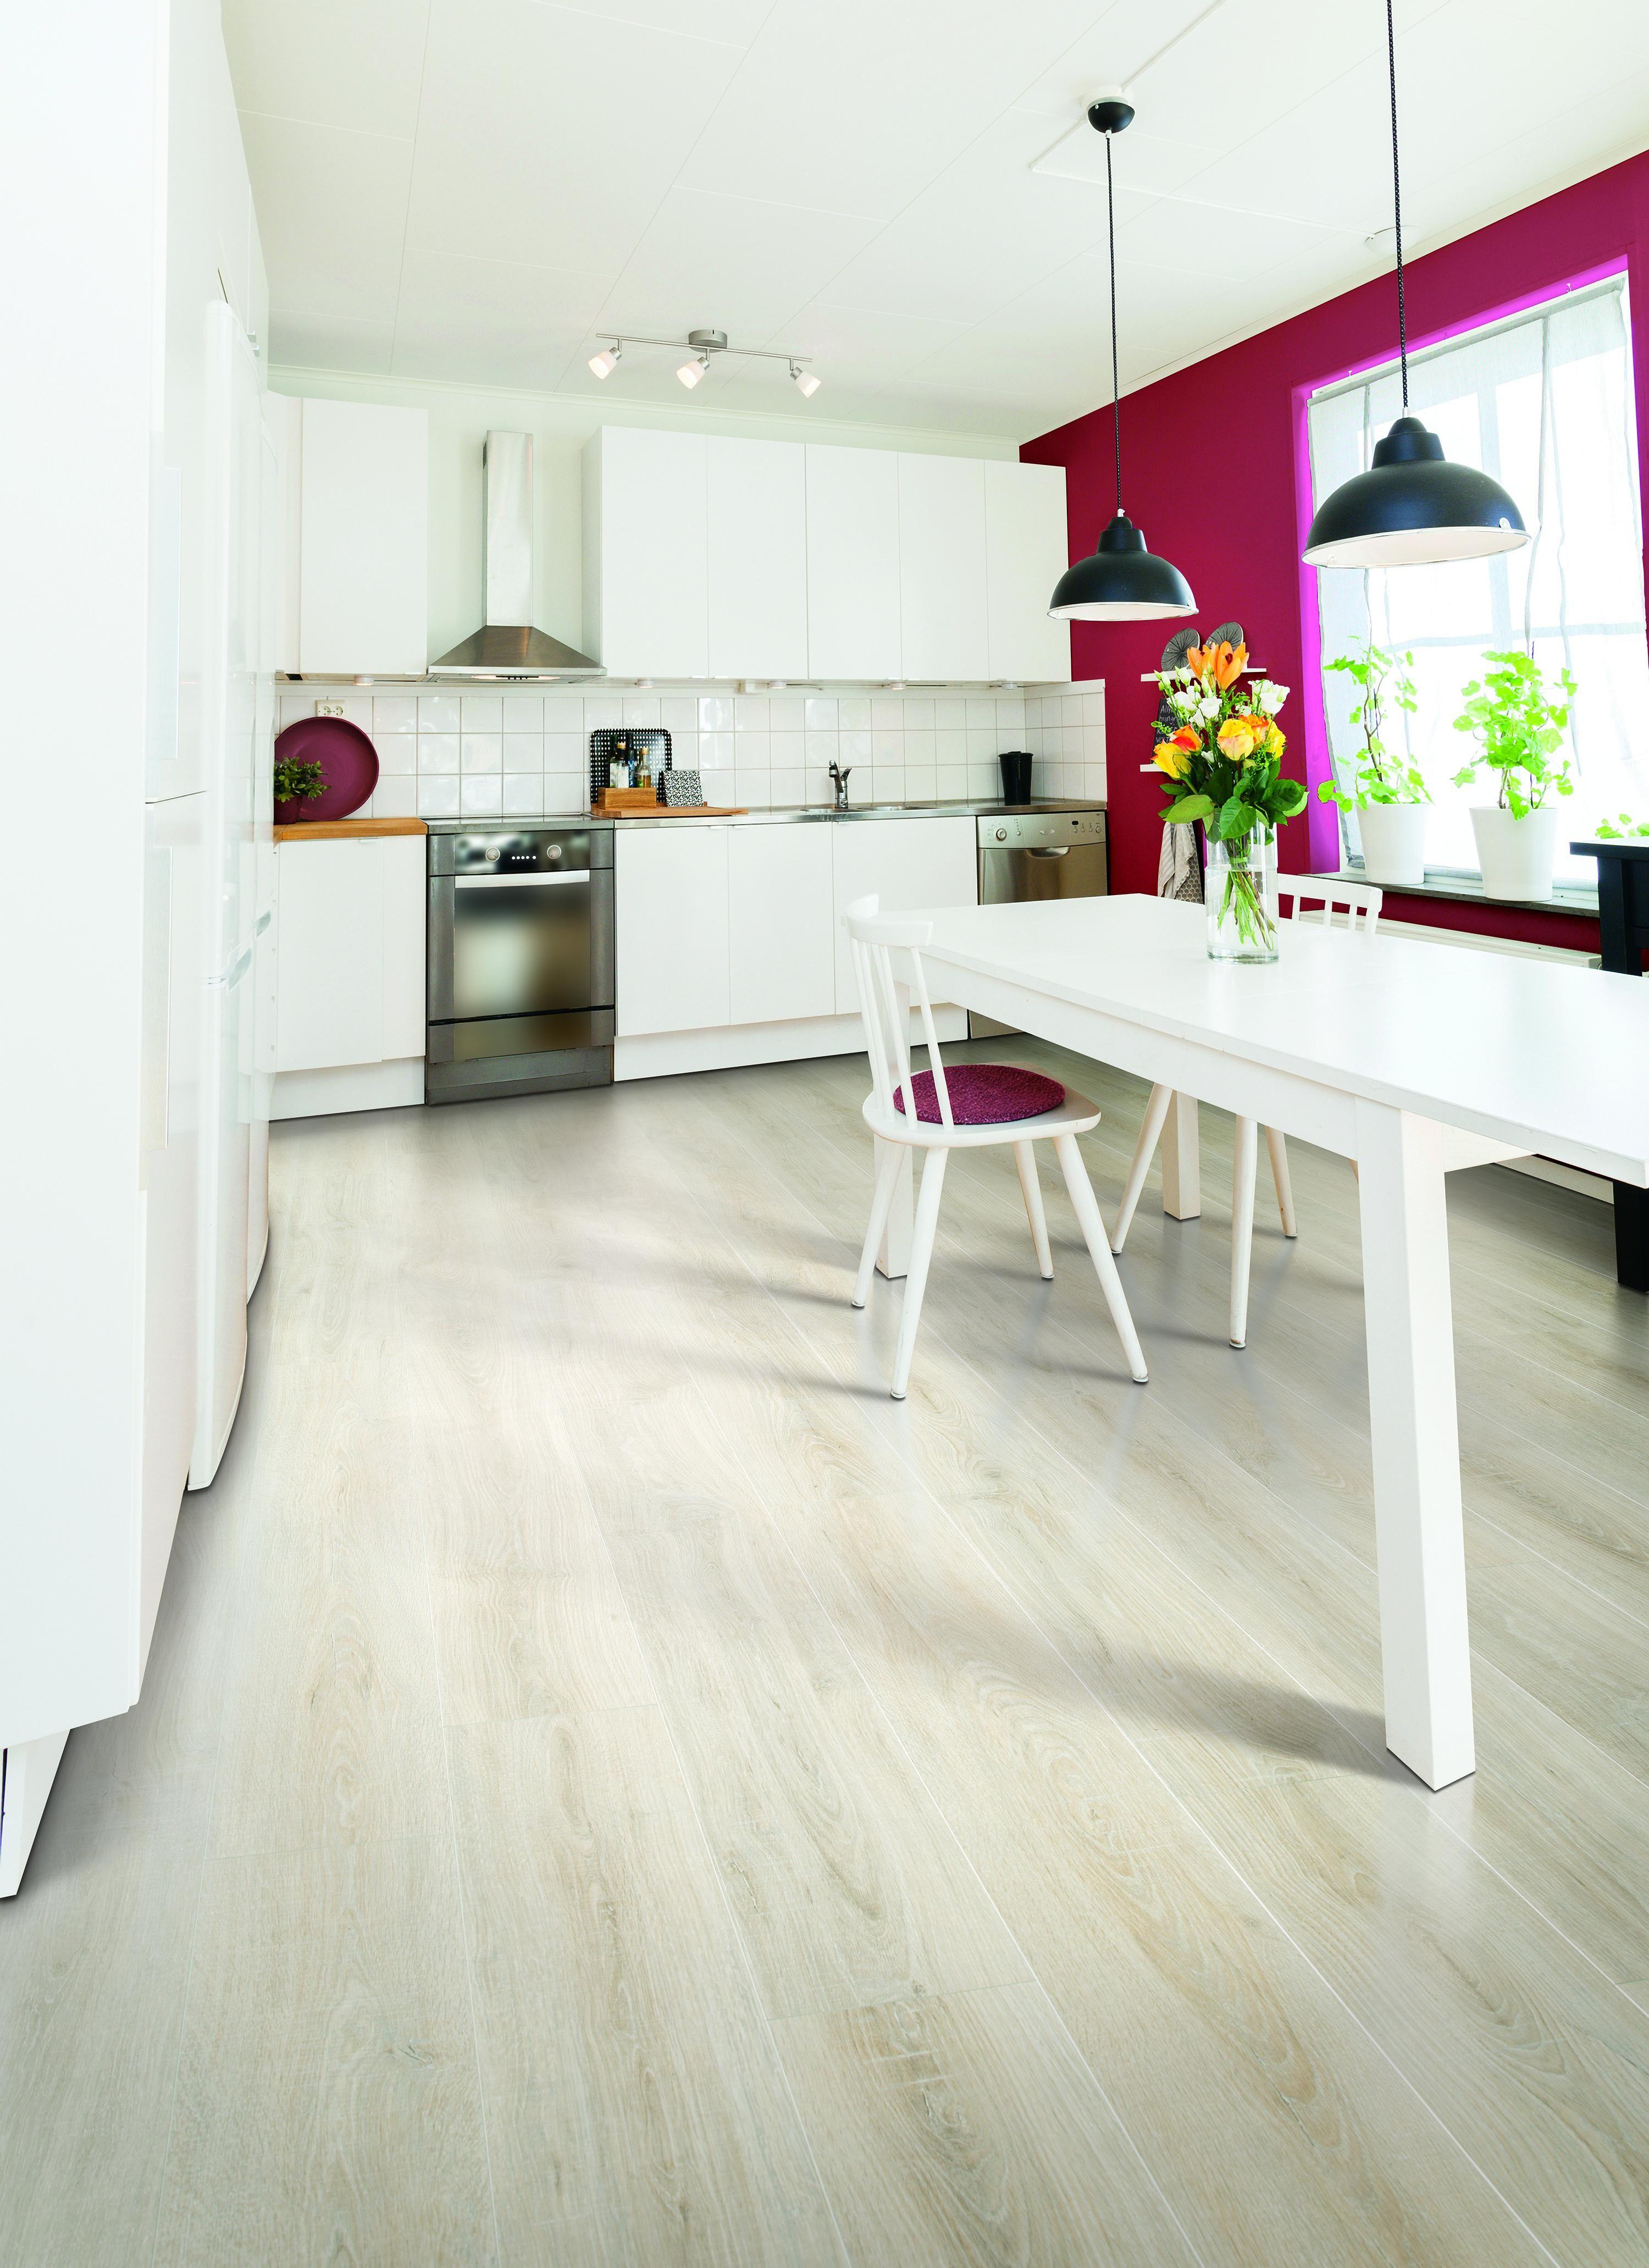 WoodLike Laminate Flooring Rustic Legacy Flooring